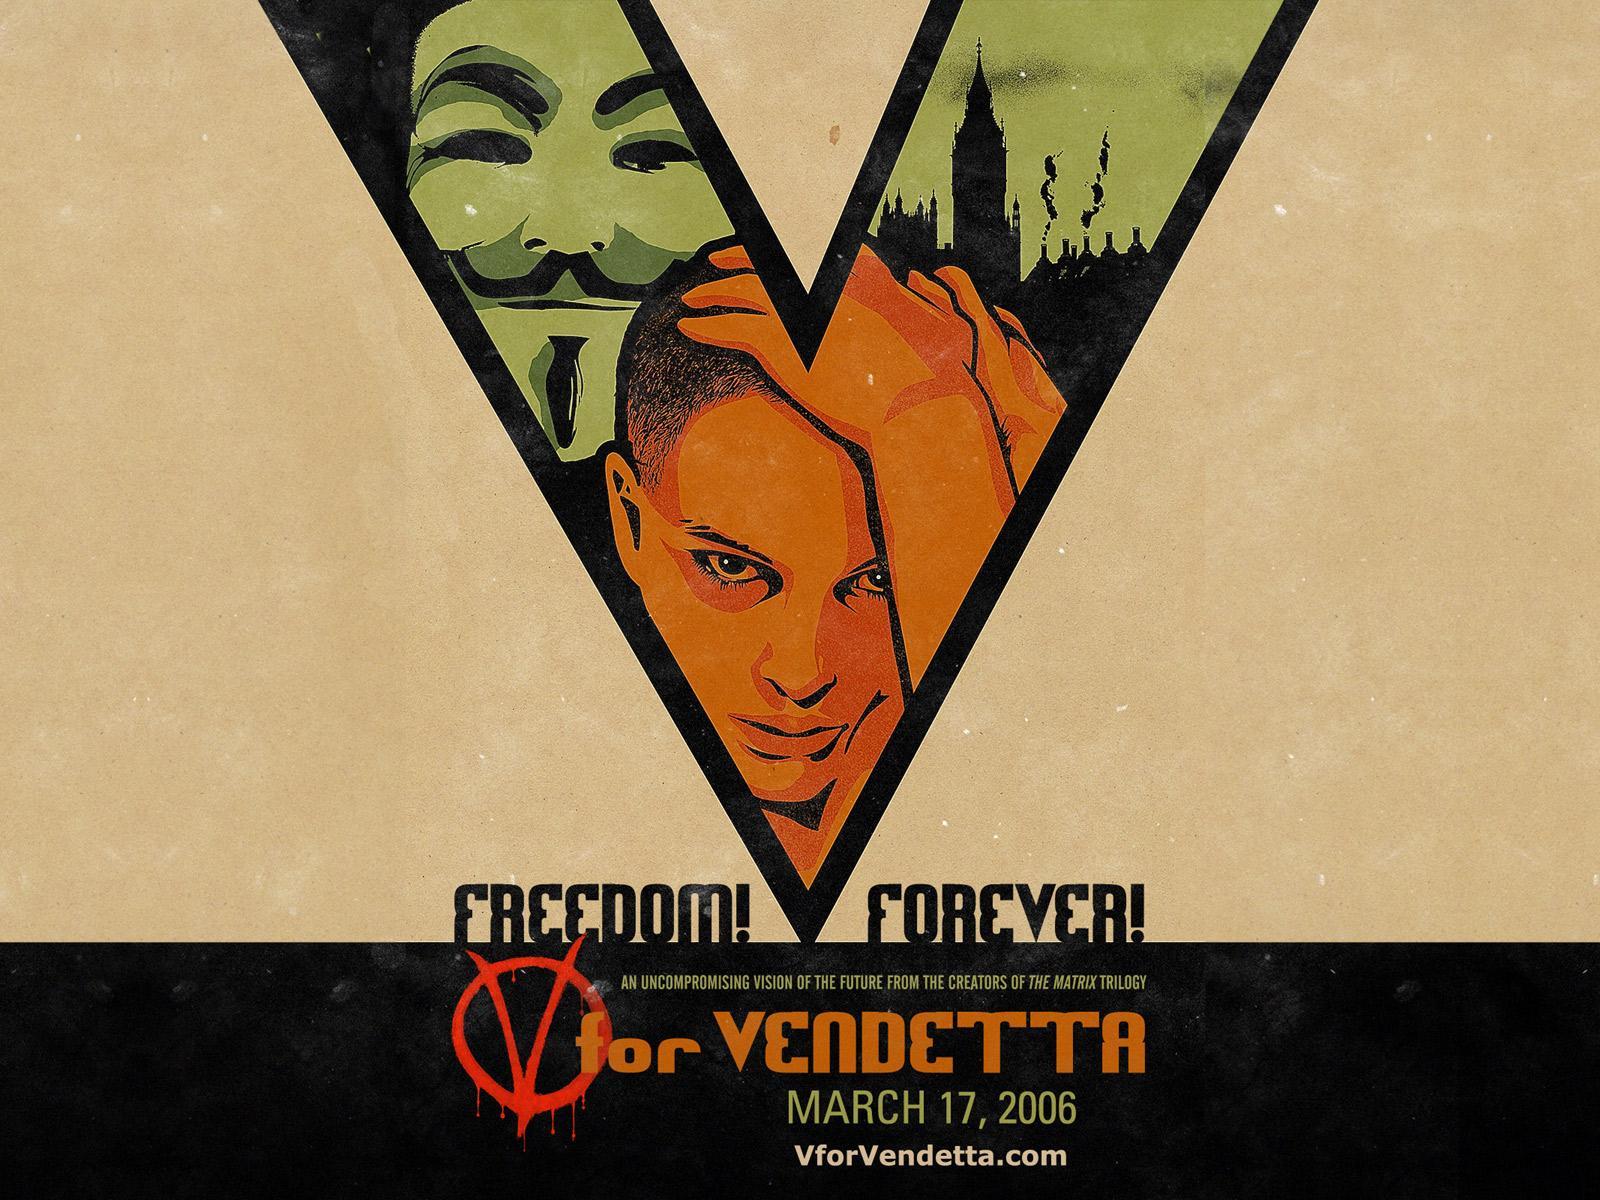 Wallpaper V pour Vendetta - V for Vendetta grand V